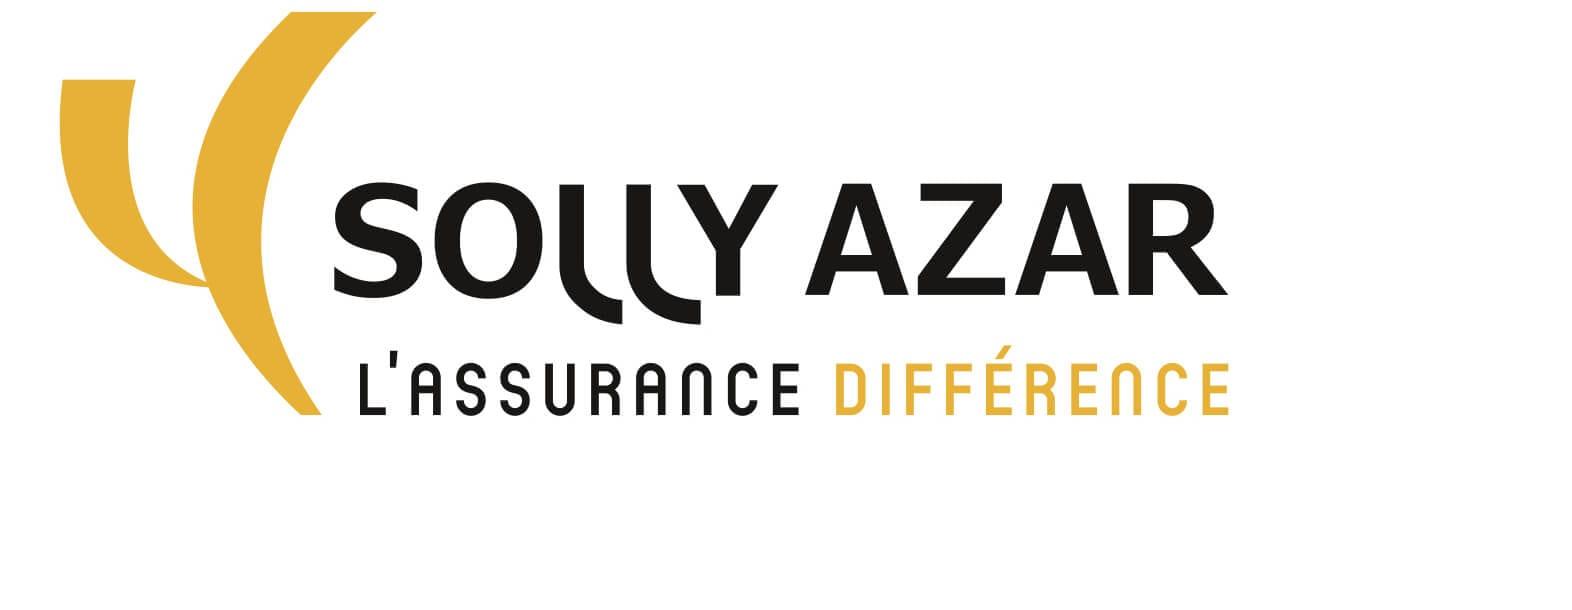 Assurance Pour Chien Solly Azar : Présentation et Avis de l'Expert